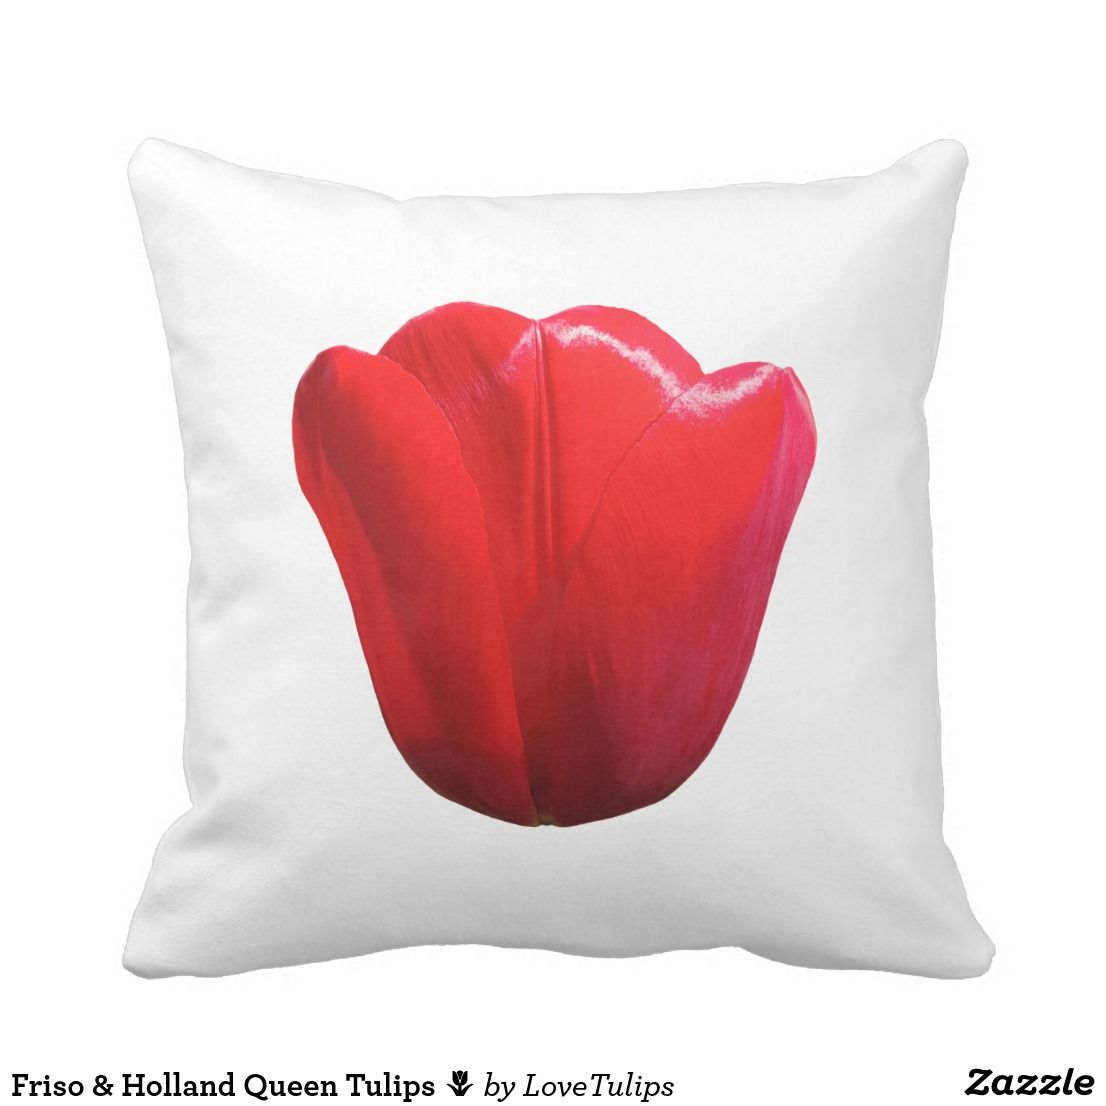 Friso Holland Queen Tulips Tulip Pillow Pillows Throw Pillows